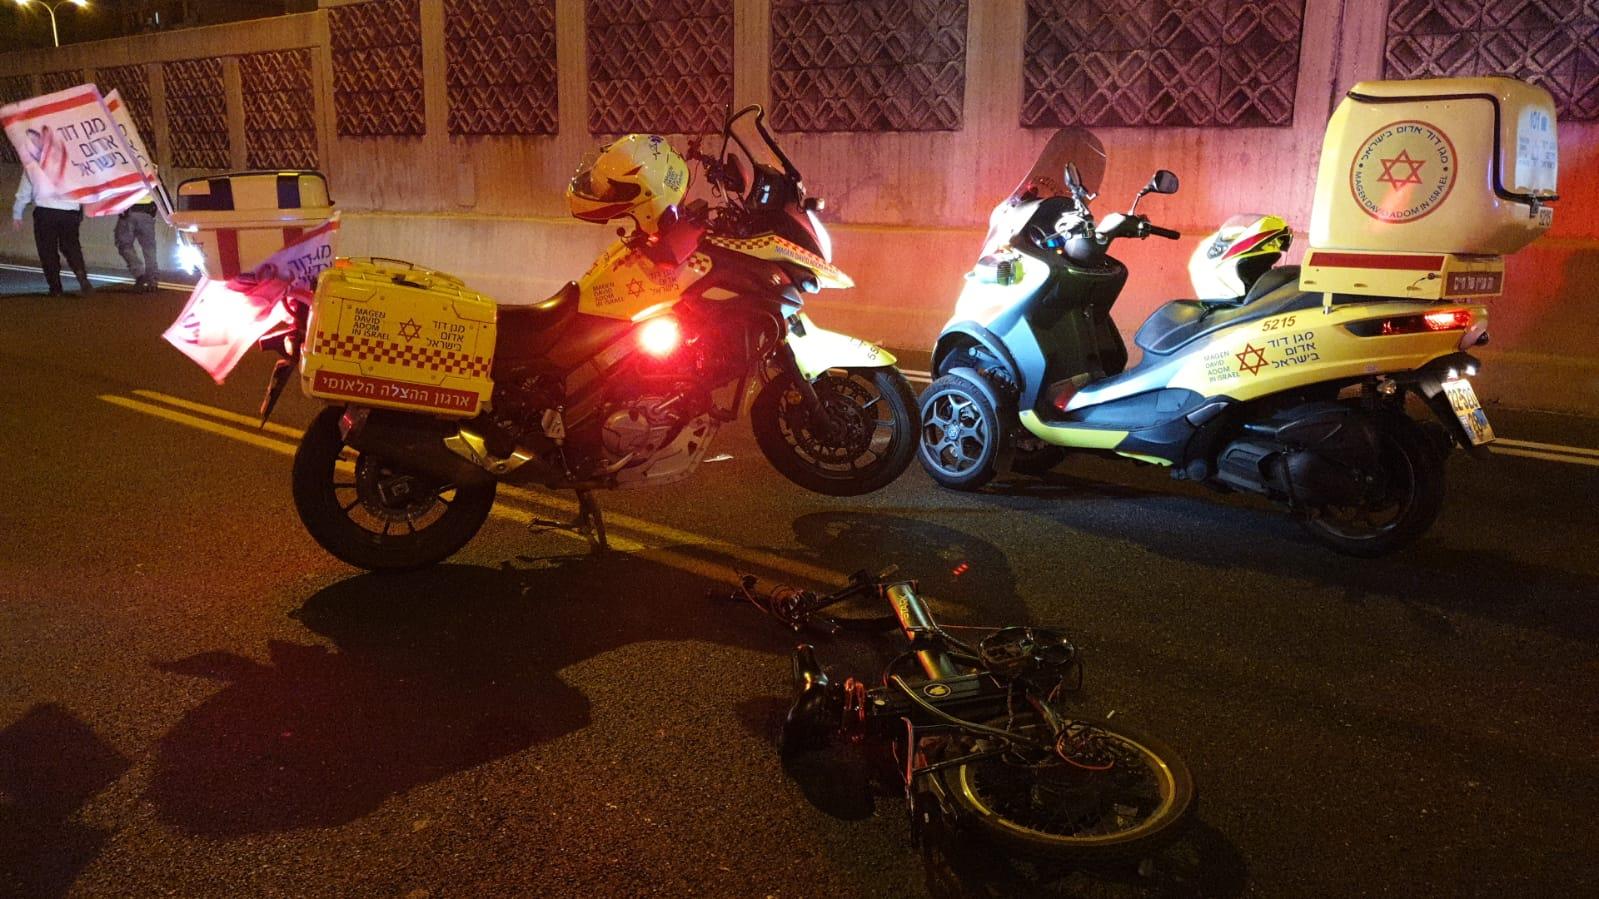 اصابة خطرة لراكب دراجة كهربائية بحادث دهس قرب مفرق فولفسون